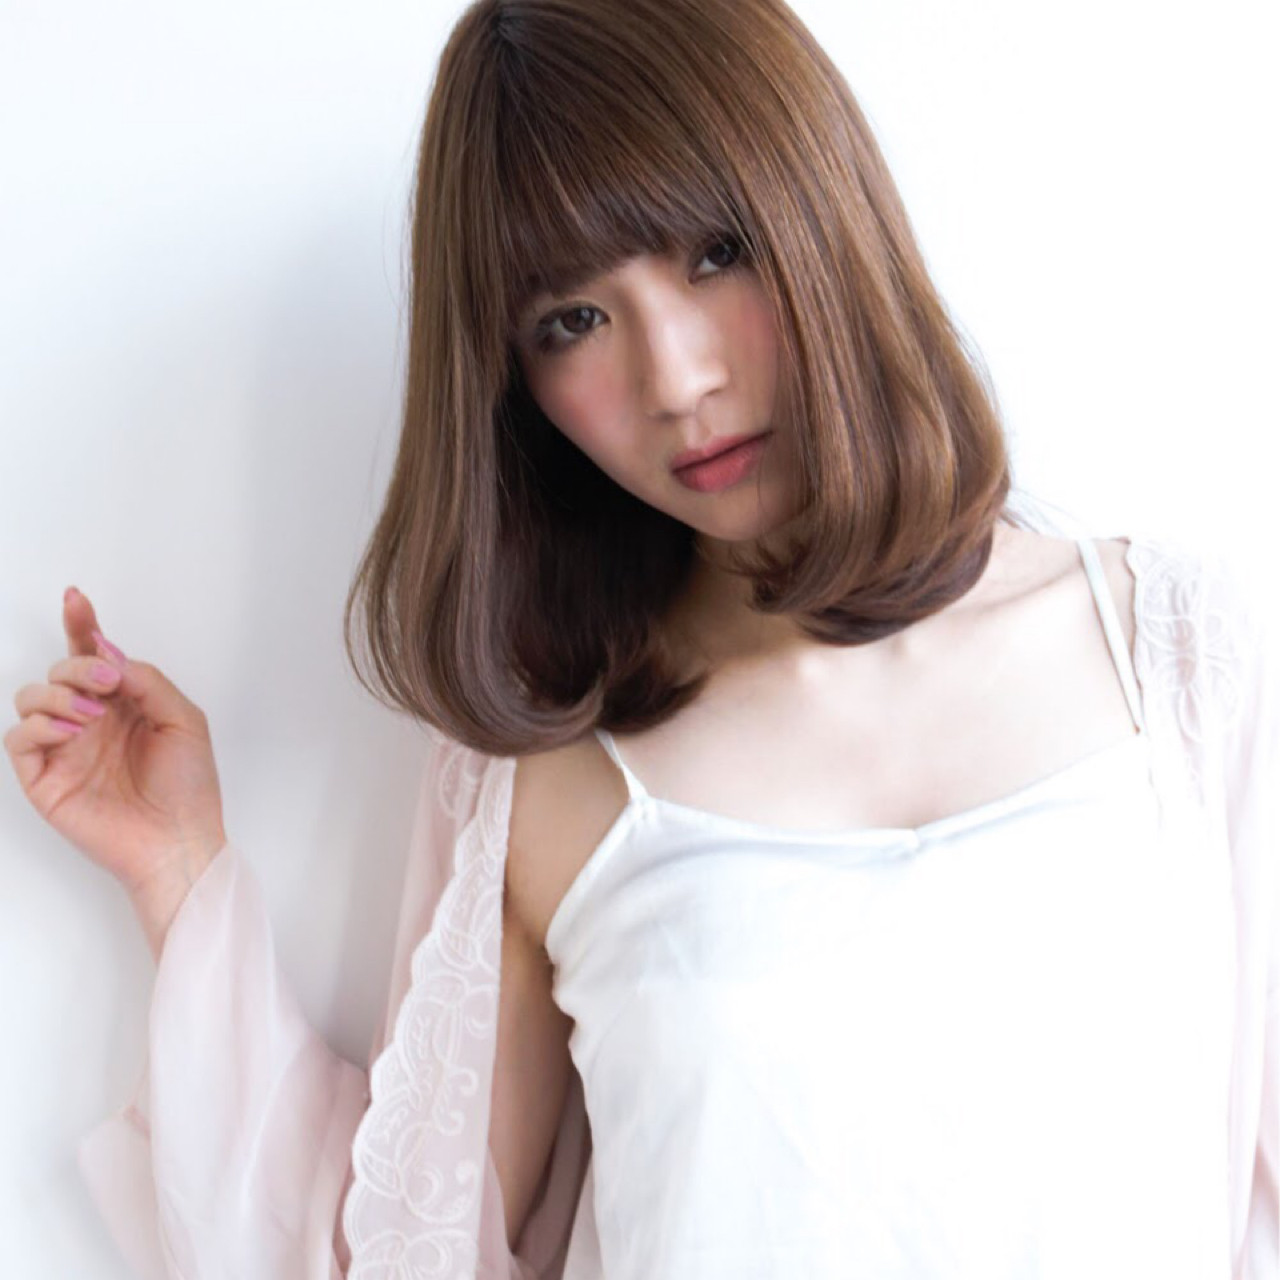 ナチュラル ヘアアレンジ 簡単ヘアアレンジ ロブ ヘアスタイルや髪型の写真・画像 | 城戸 康輔 / un le pont